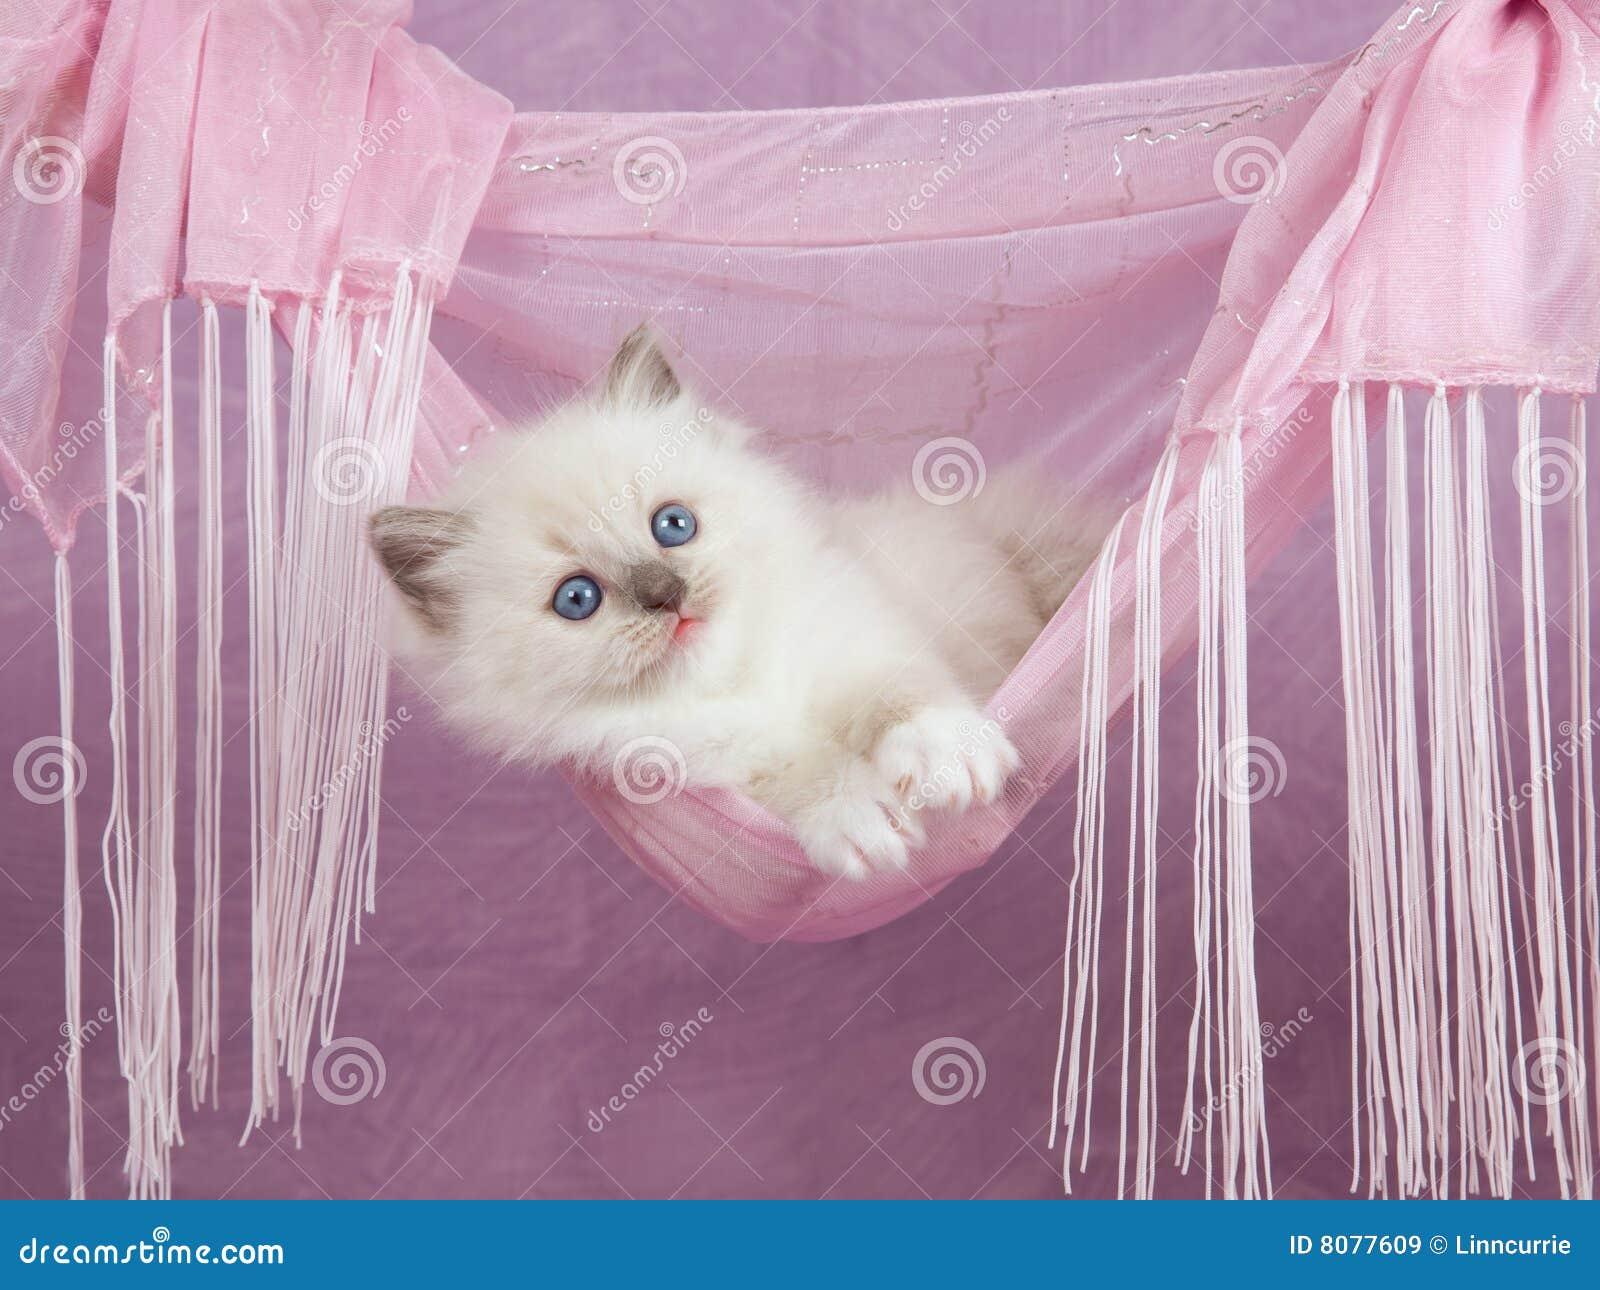 Pretty cute Ragdoll kitten in pink hammock